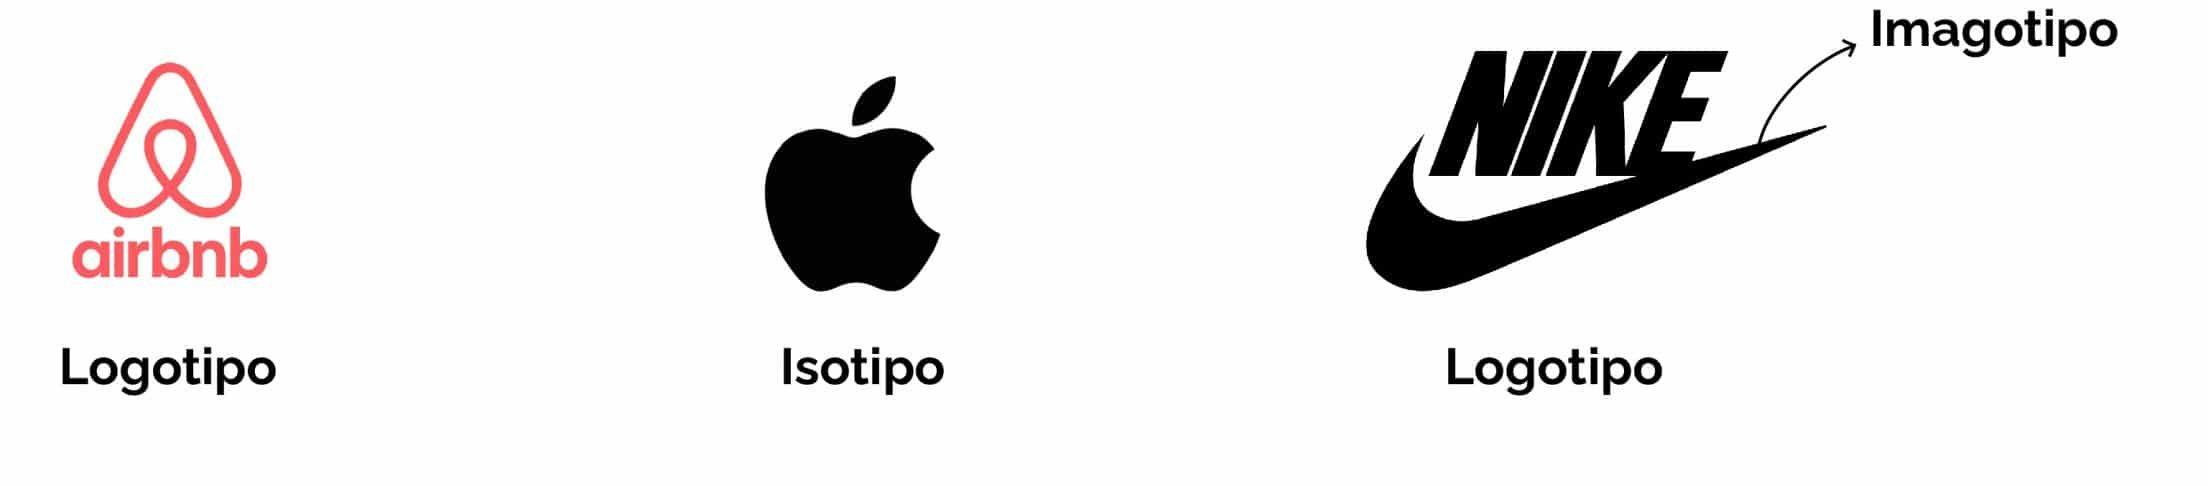 Diferencia entre logotipo, imagotipo e isotipo Illustrator